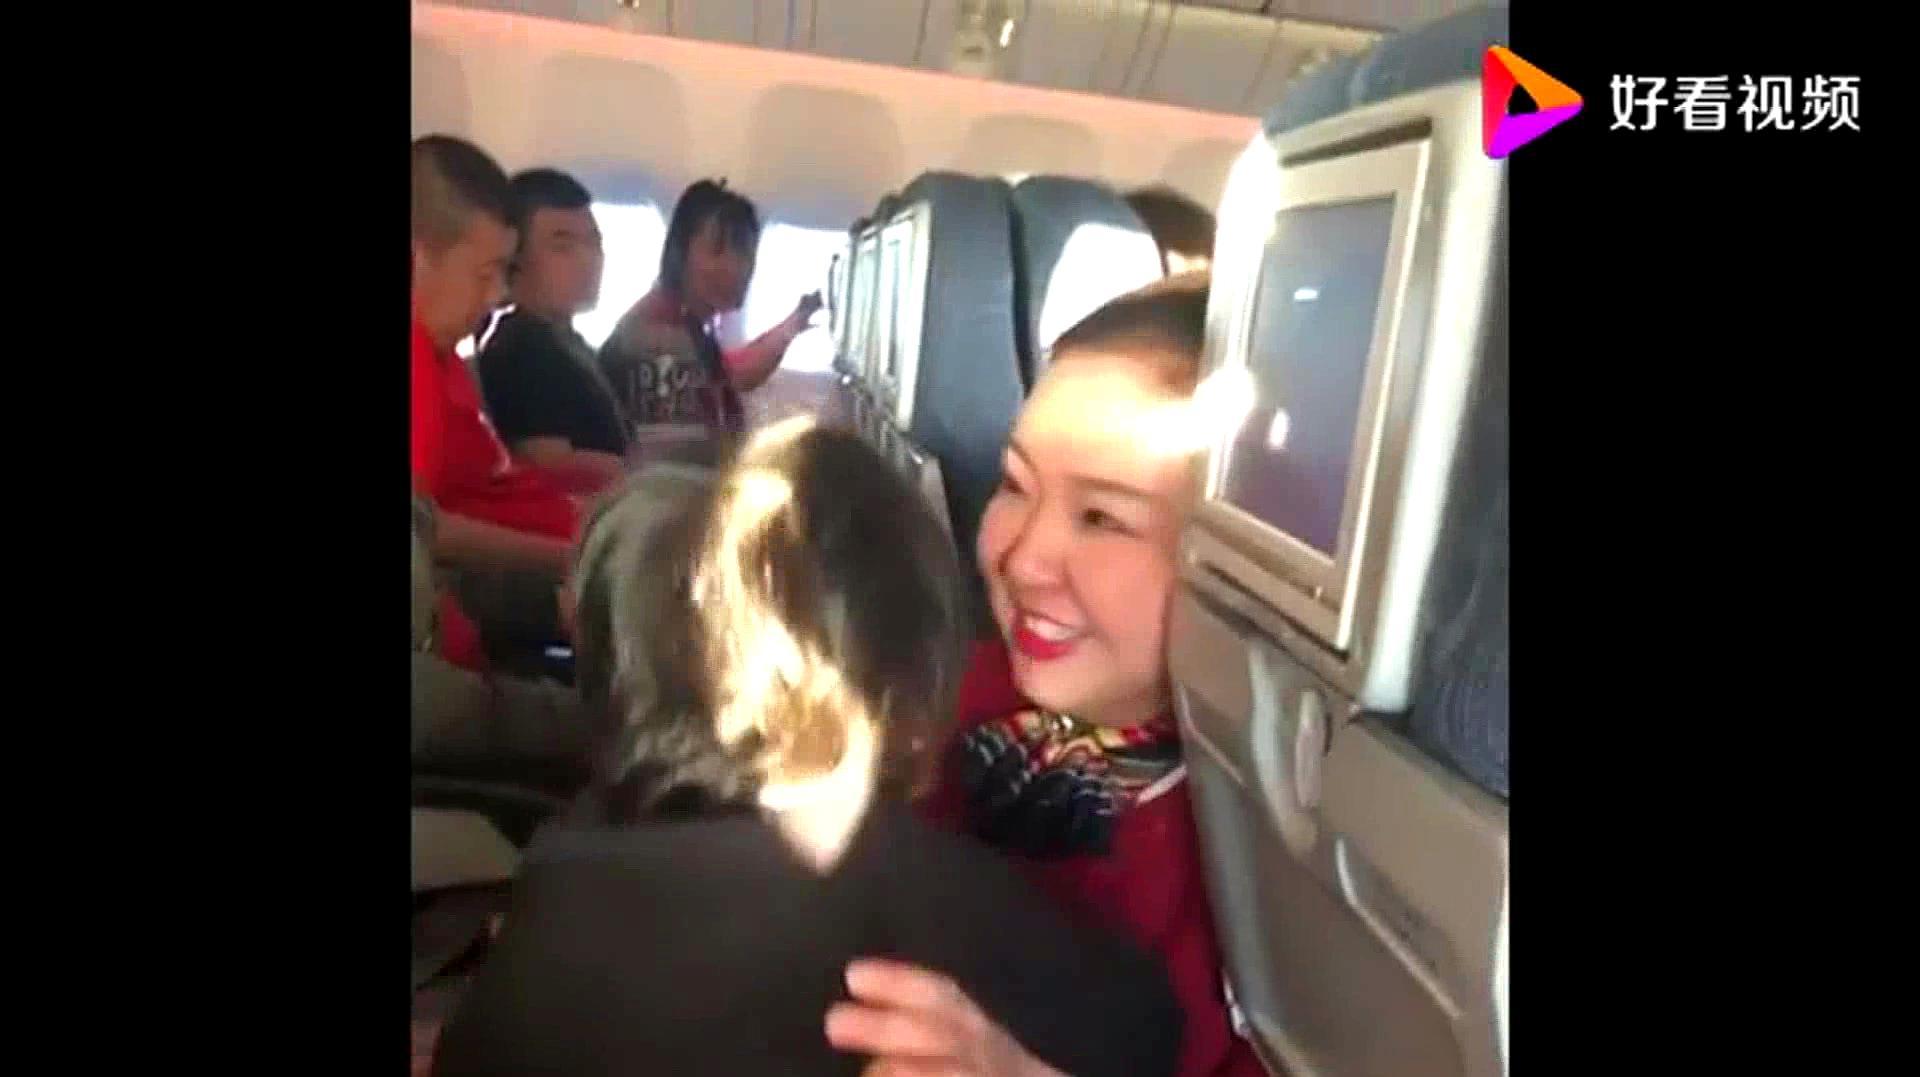 一岁的小宝宝,一看到空姐就赖上人家了,小小年纪还真拿她没办法